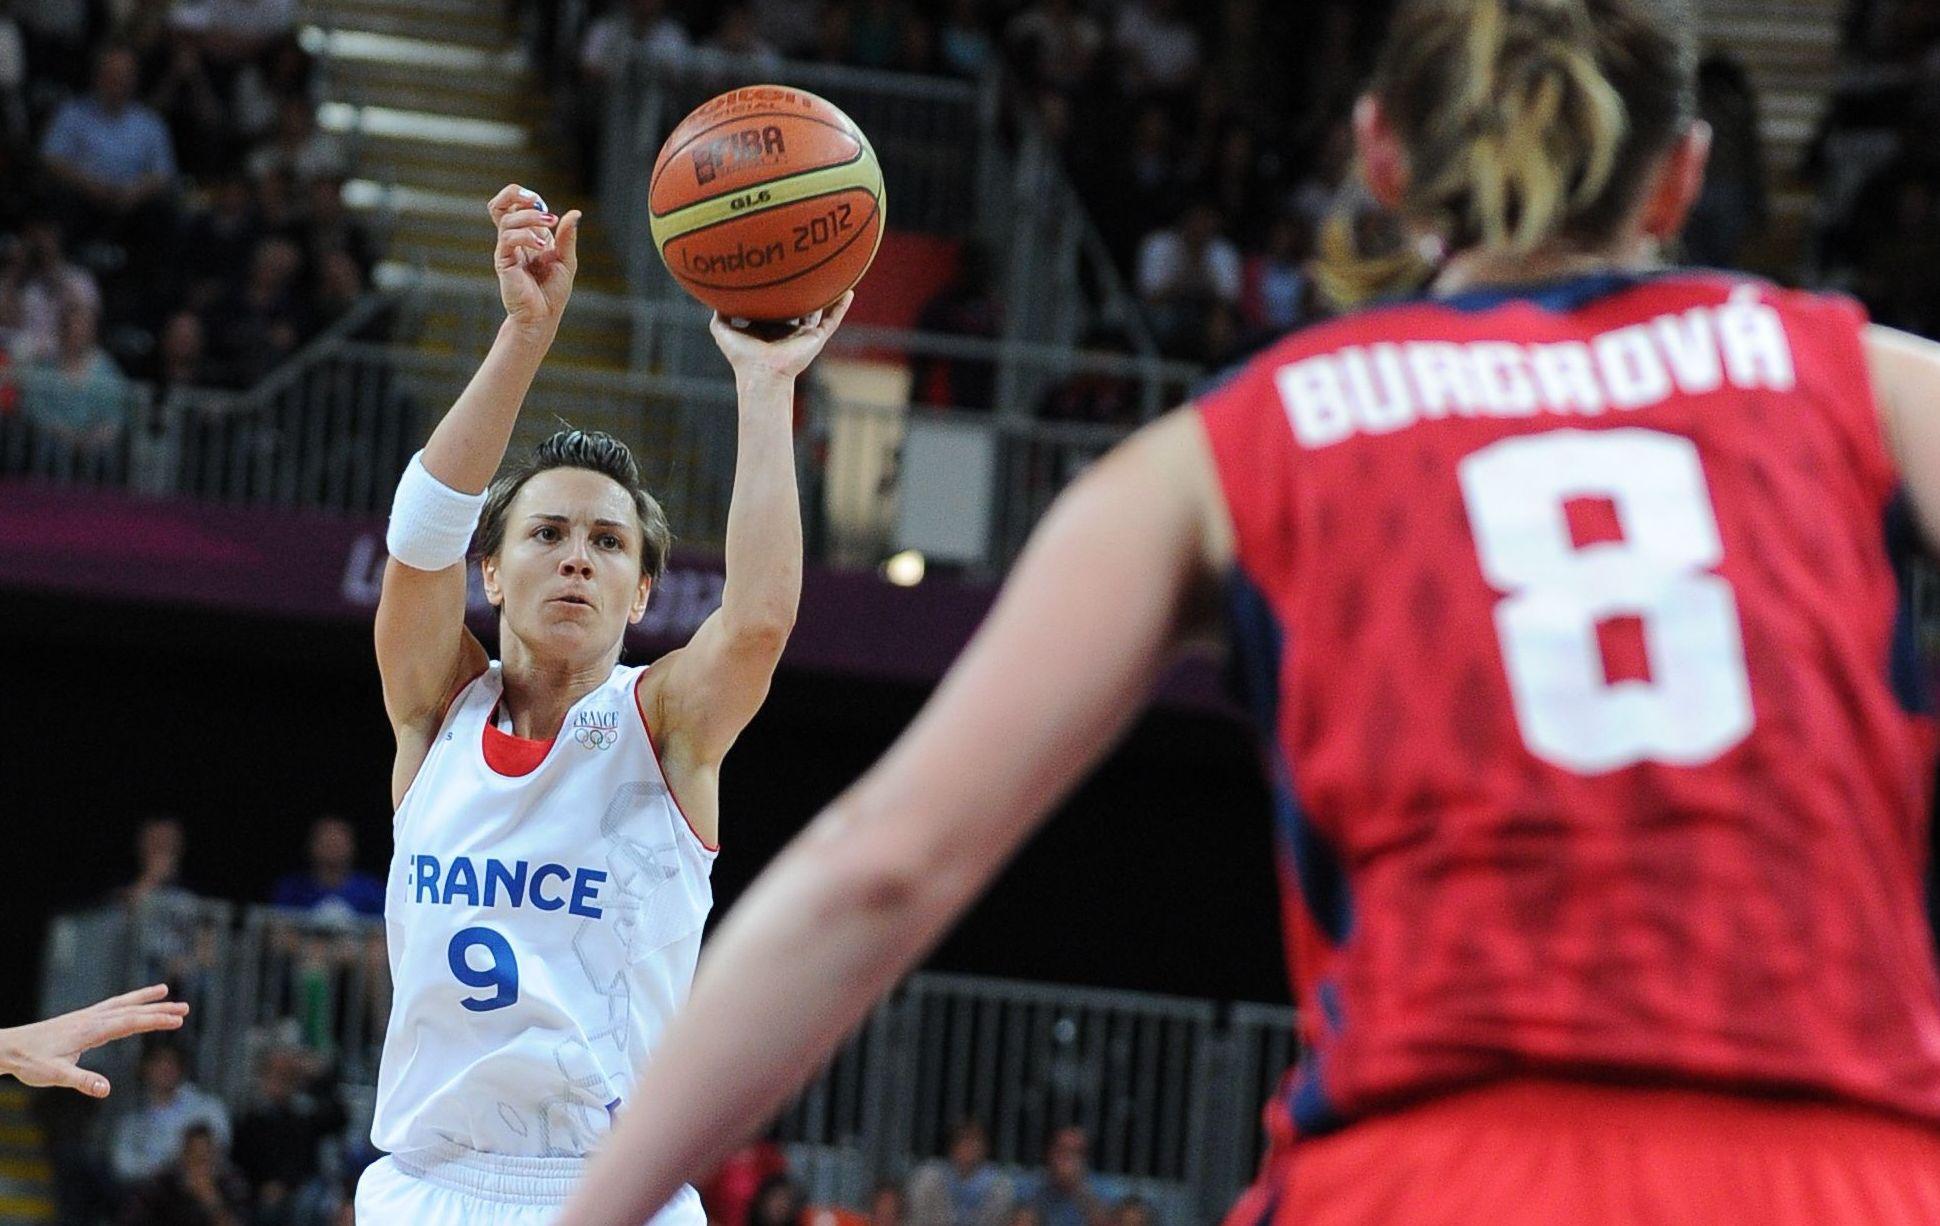 Basket - Equipe de France - Premier tour �plut�t favorable� pour les Bleues